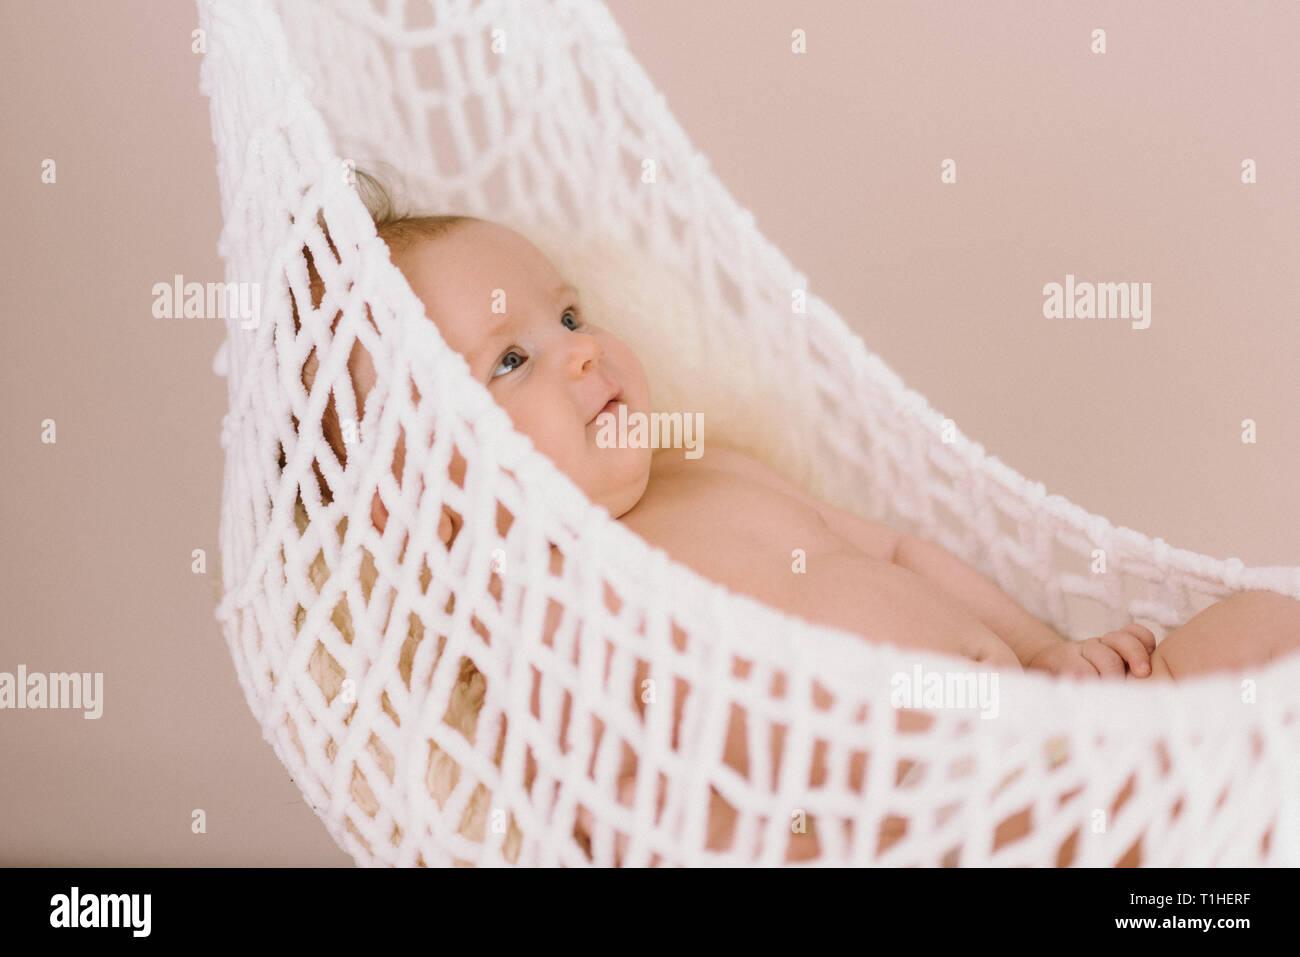 Baby Sleeping In Hammock Stock Photos Amp Baby Sleeping In